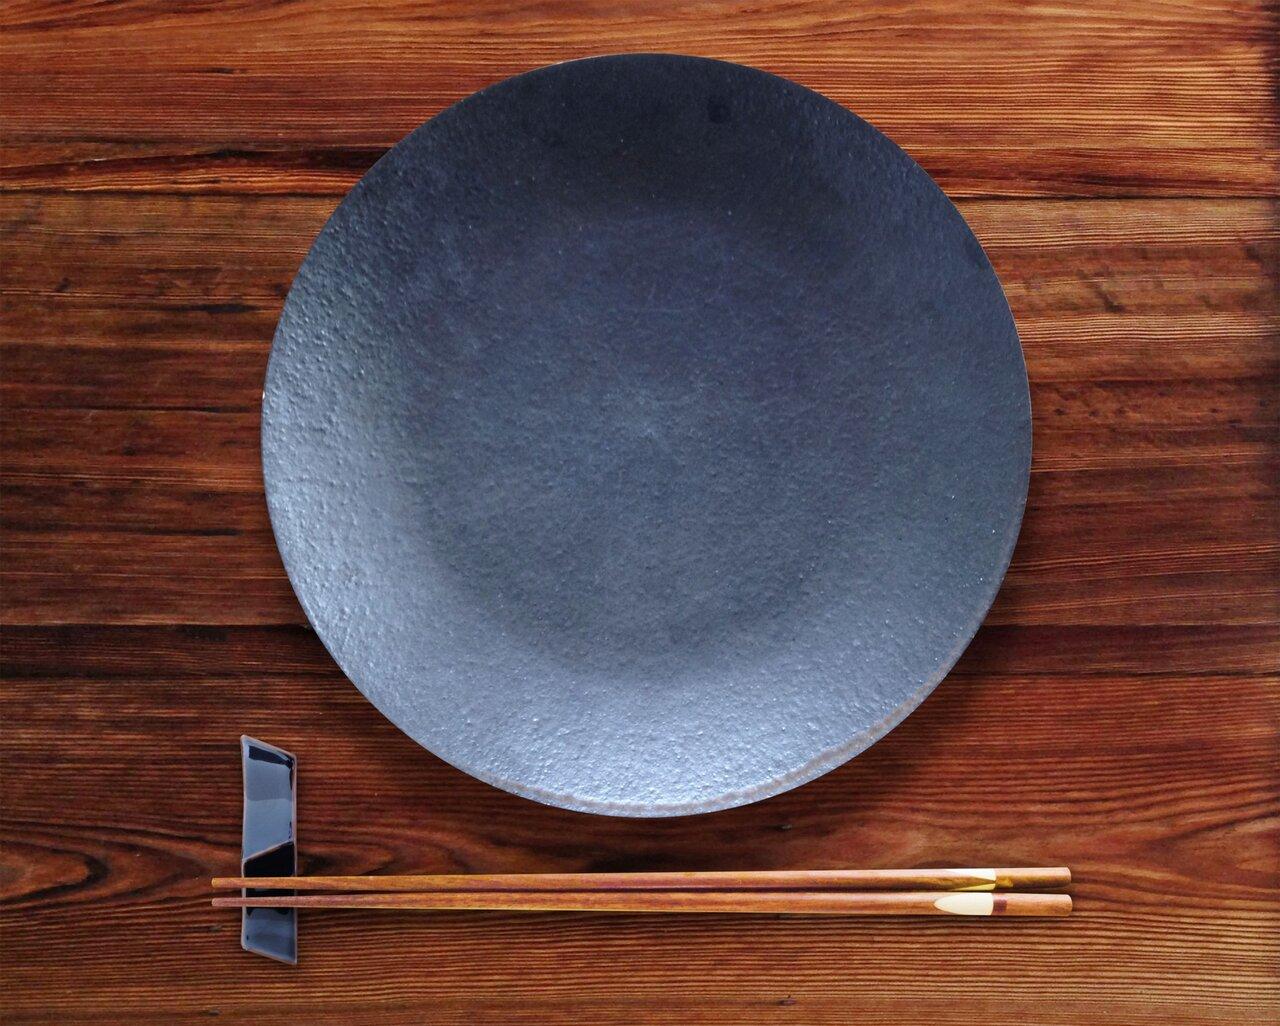 森田剛、二宮和也との食事を振り返る「最後ぴったりくっついて…」